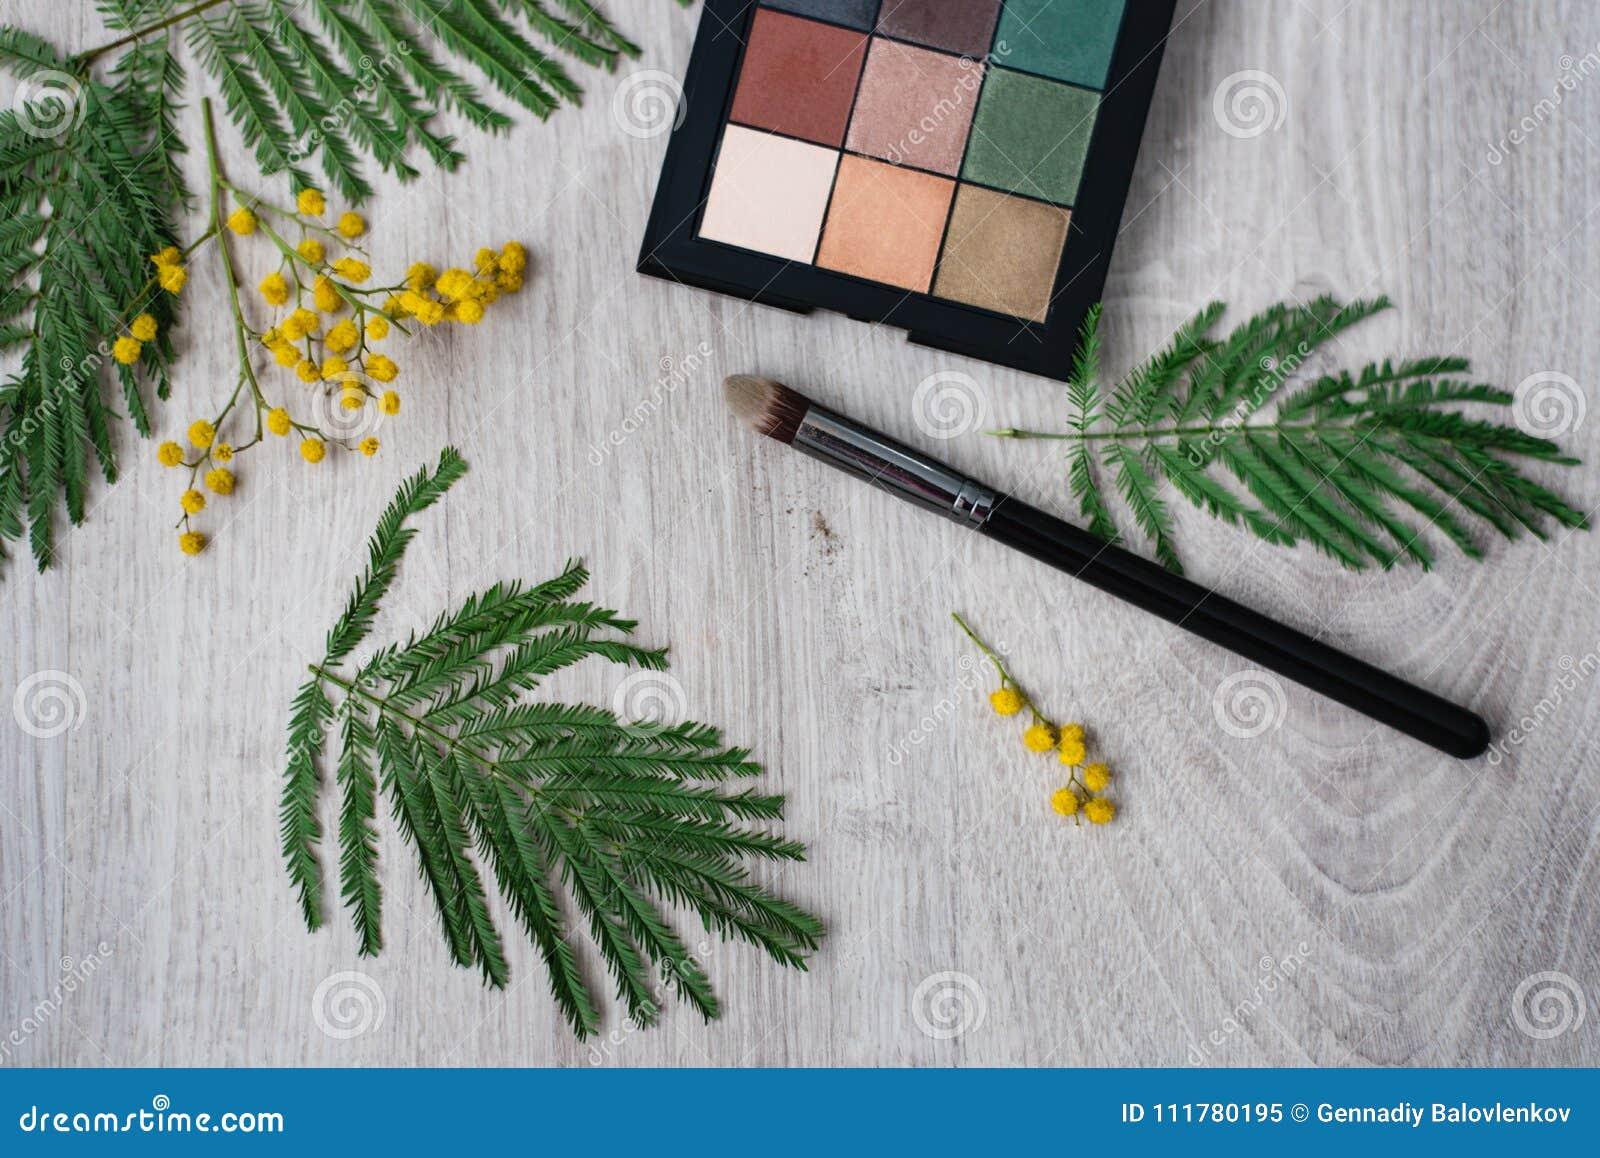 Design-Blumenmit blumenzusammensetzung des Stilllebens dekorative gemacht von den Mimosen auf einem hölzernen Hintergrund